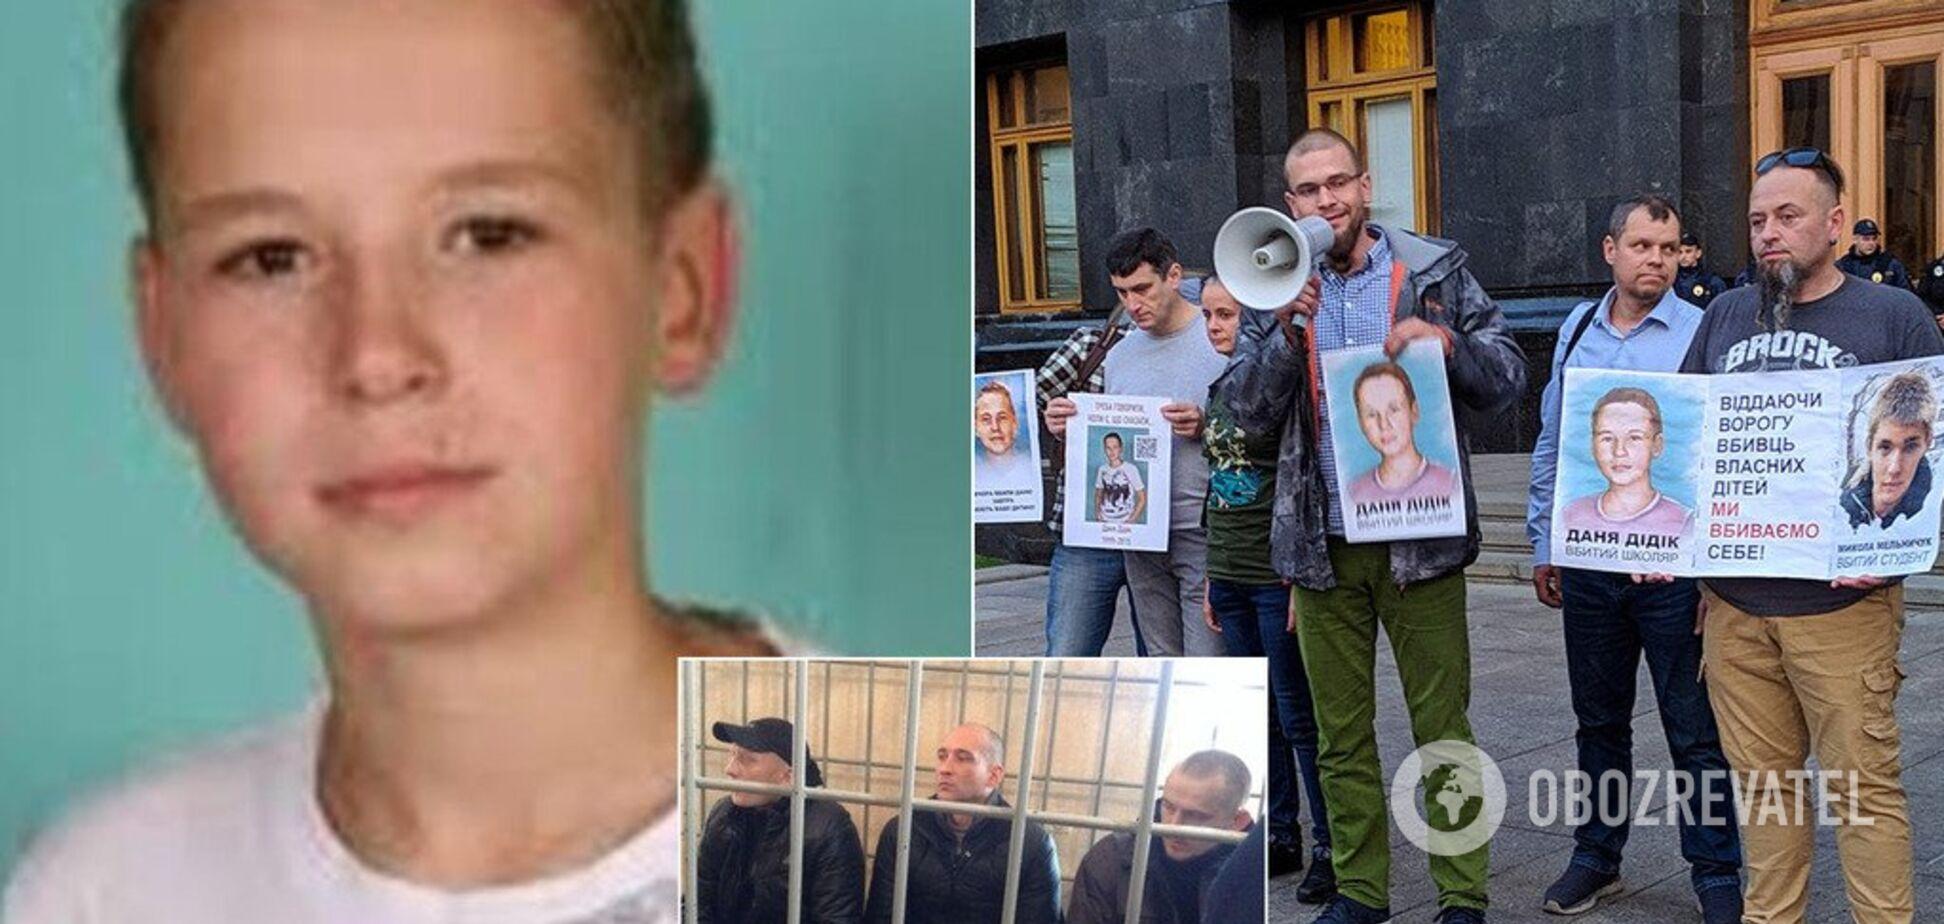 'Зґвалтування після вбивства!' Журналістка різко висловилася щодо обміну вбивць Дані Дідика